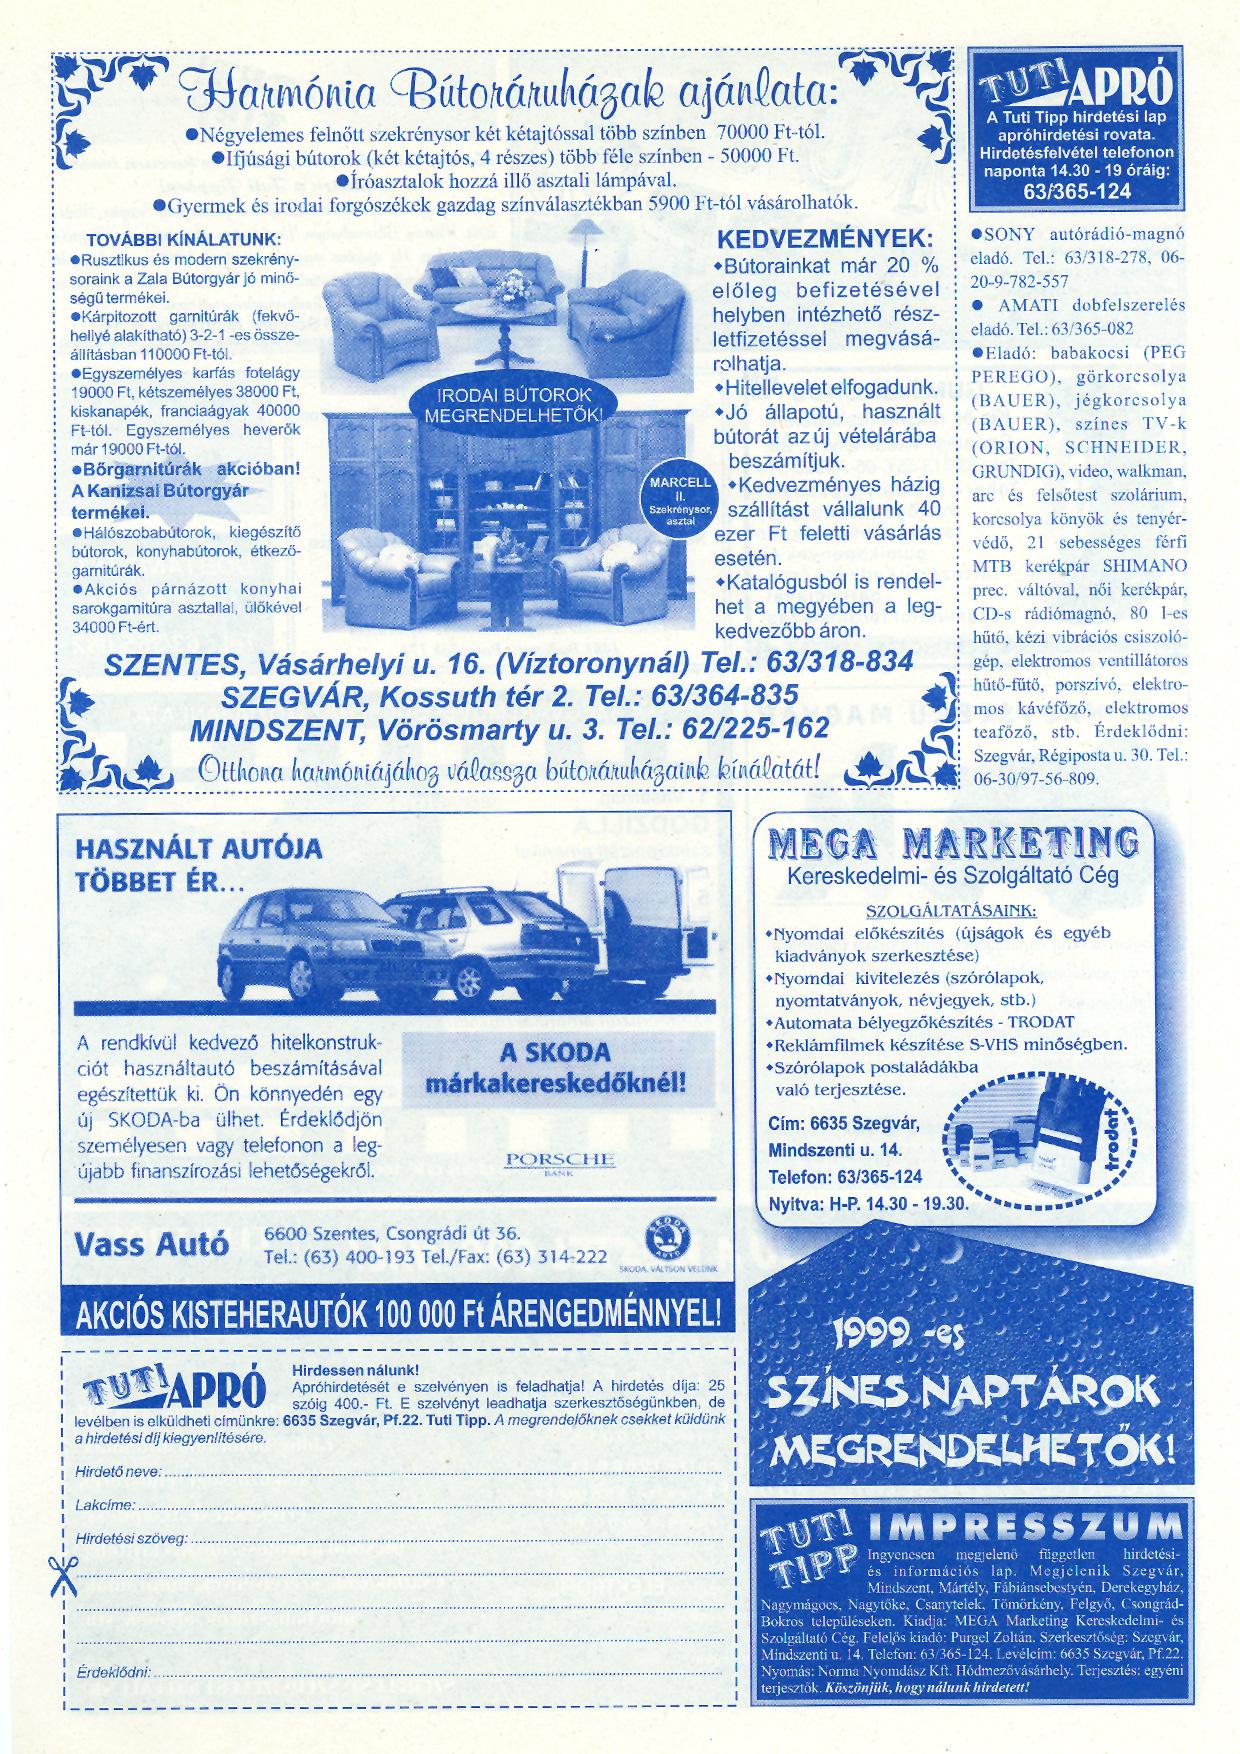 052 Tuti Tipp reklámújság - 19981031-096+006. lapszám - 2.oldal - IV. évfolyam.jpg